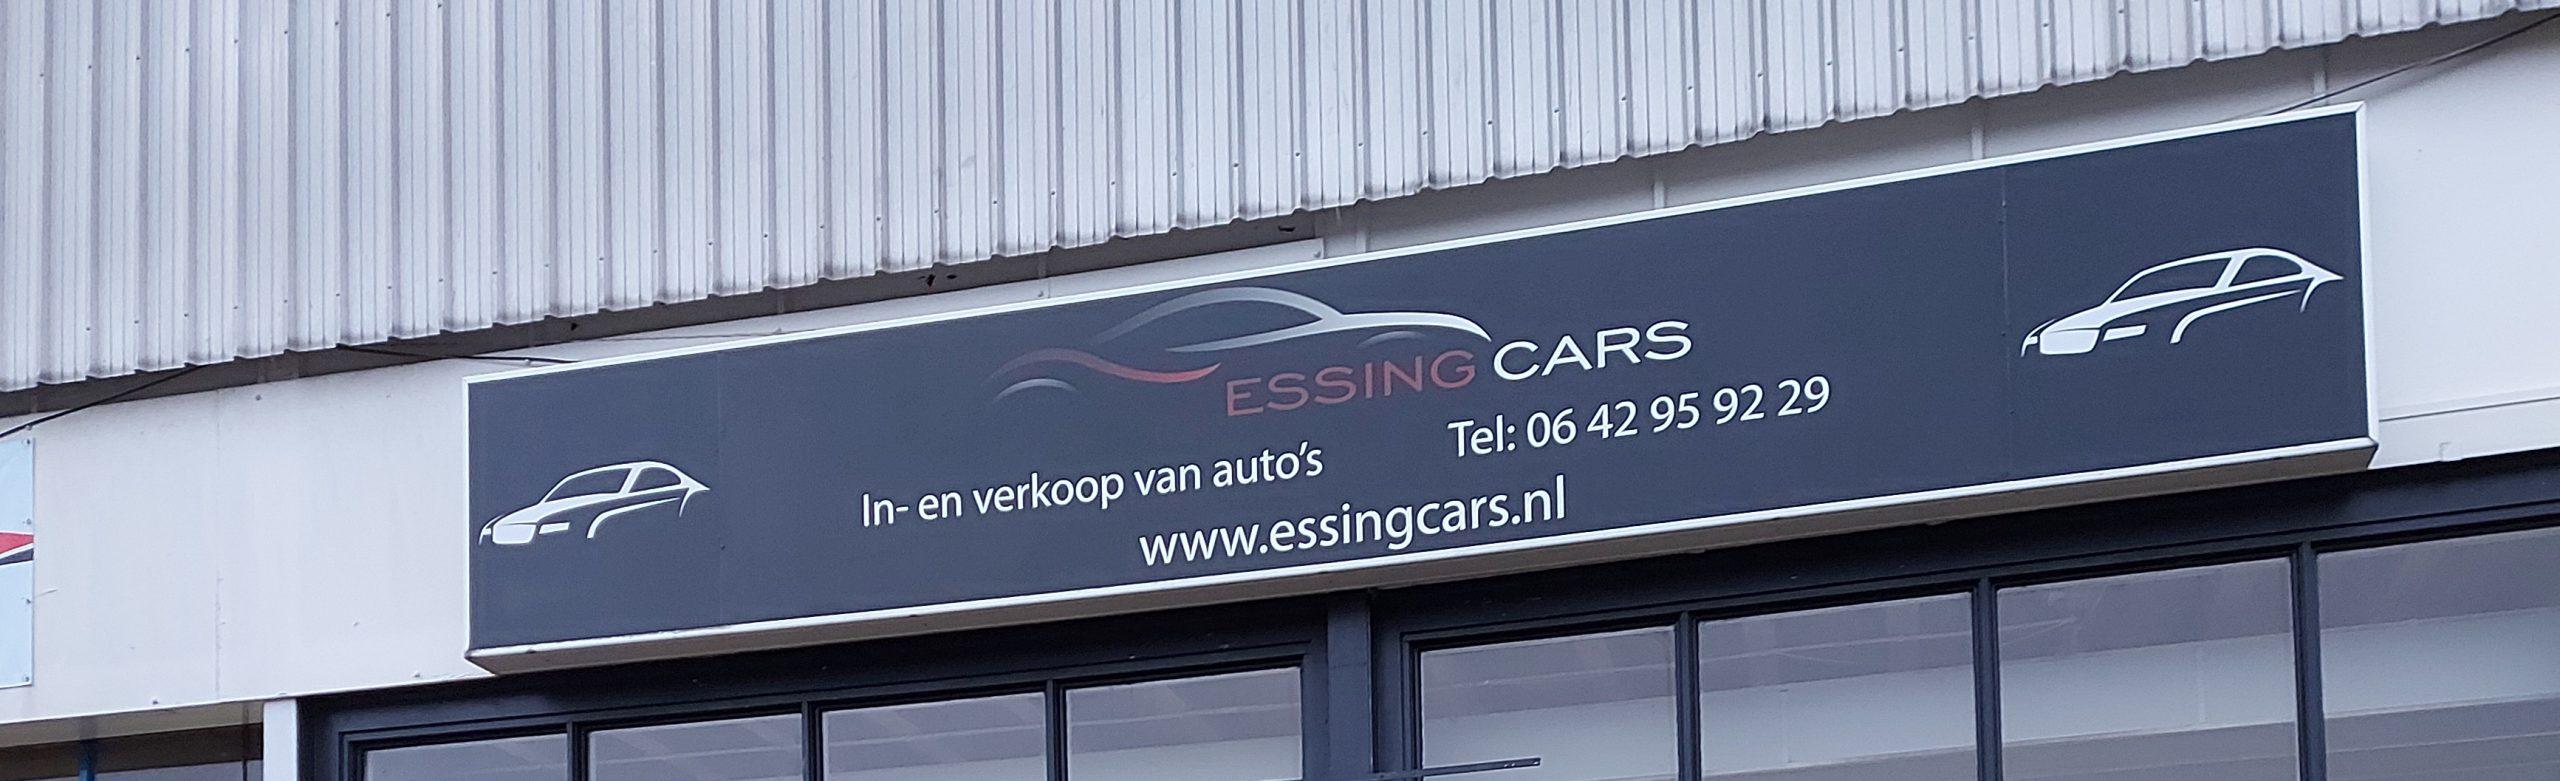 Essing Cars